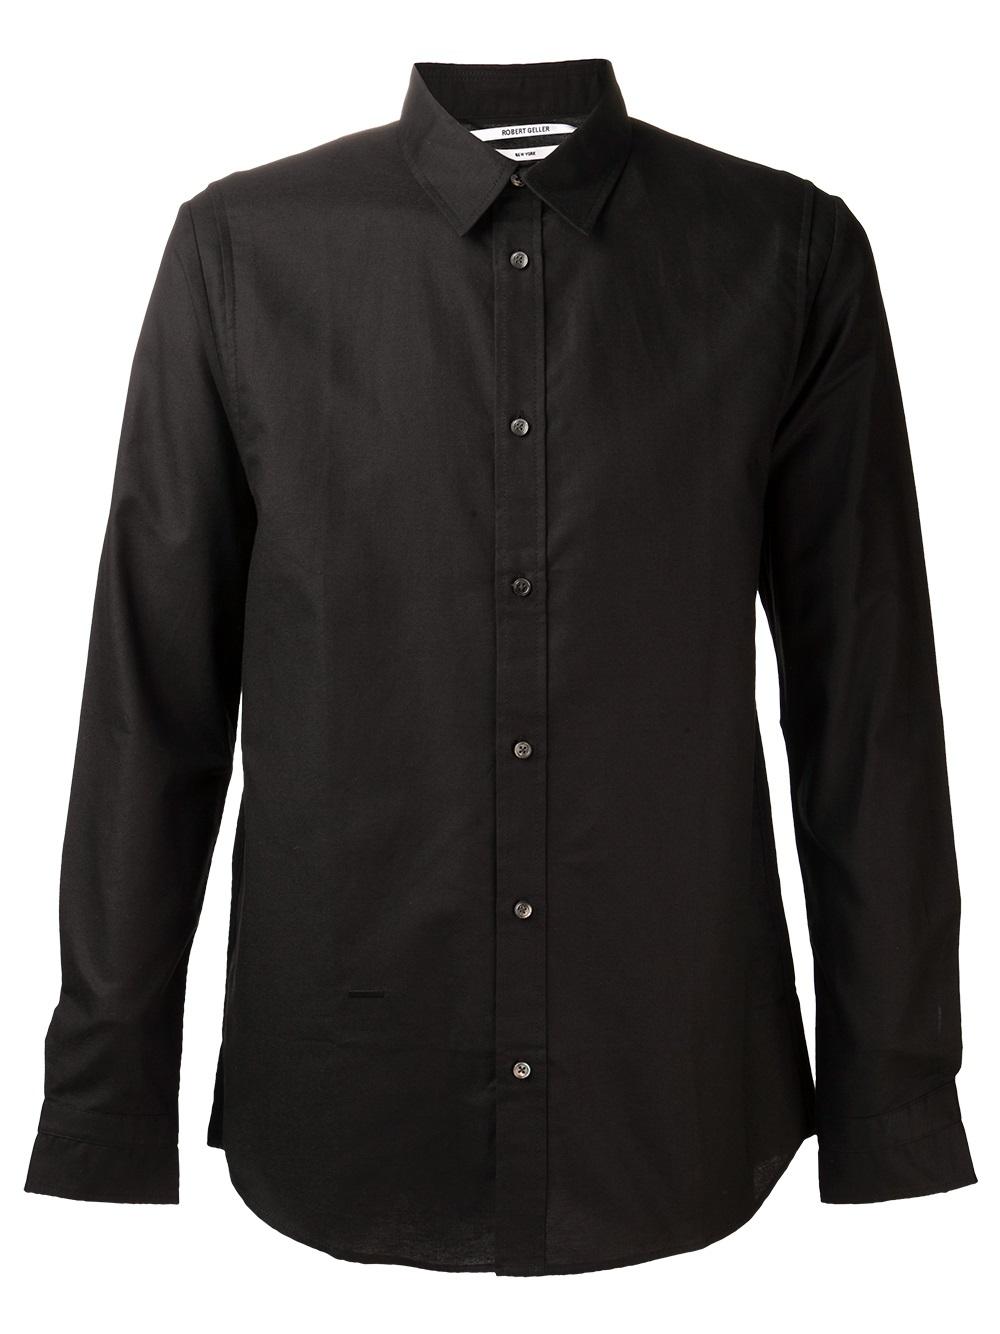 Lyst robert geller pleated dress shirt in black for men for Black pleated dress shirt